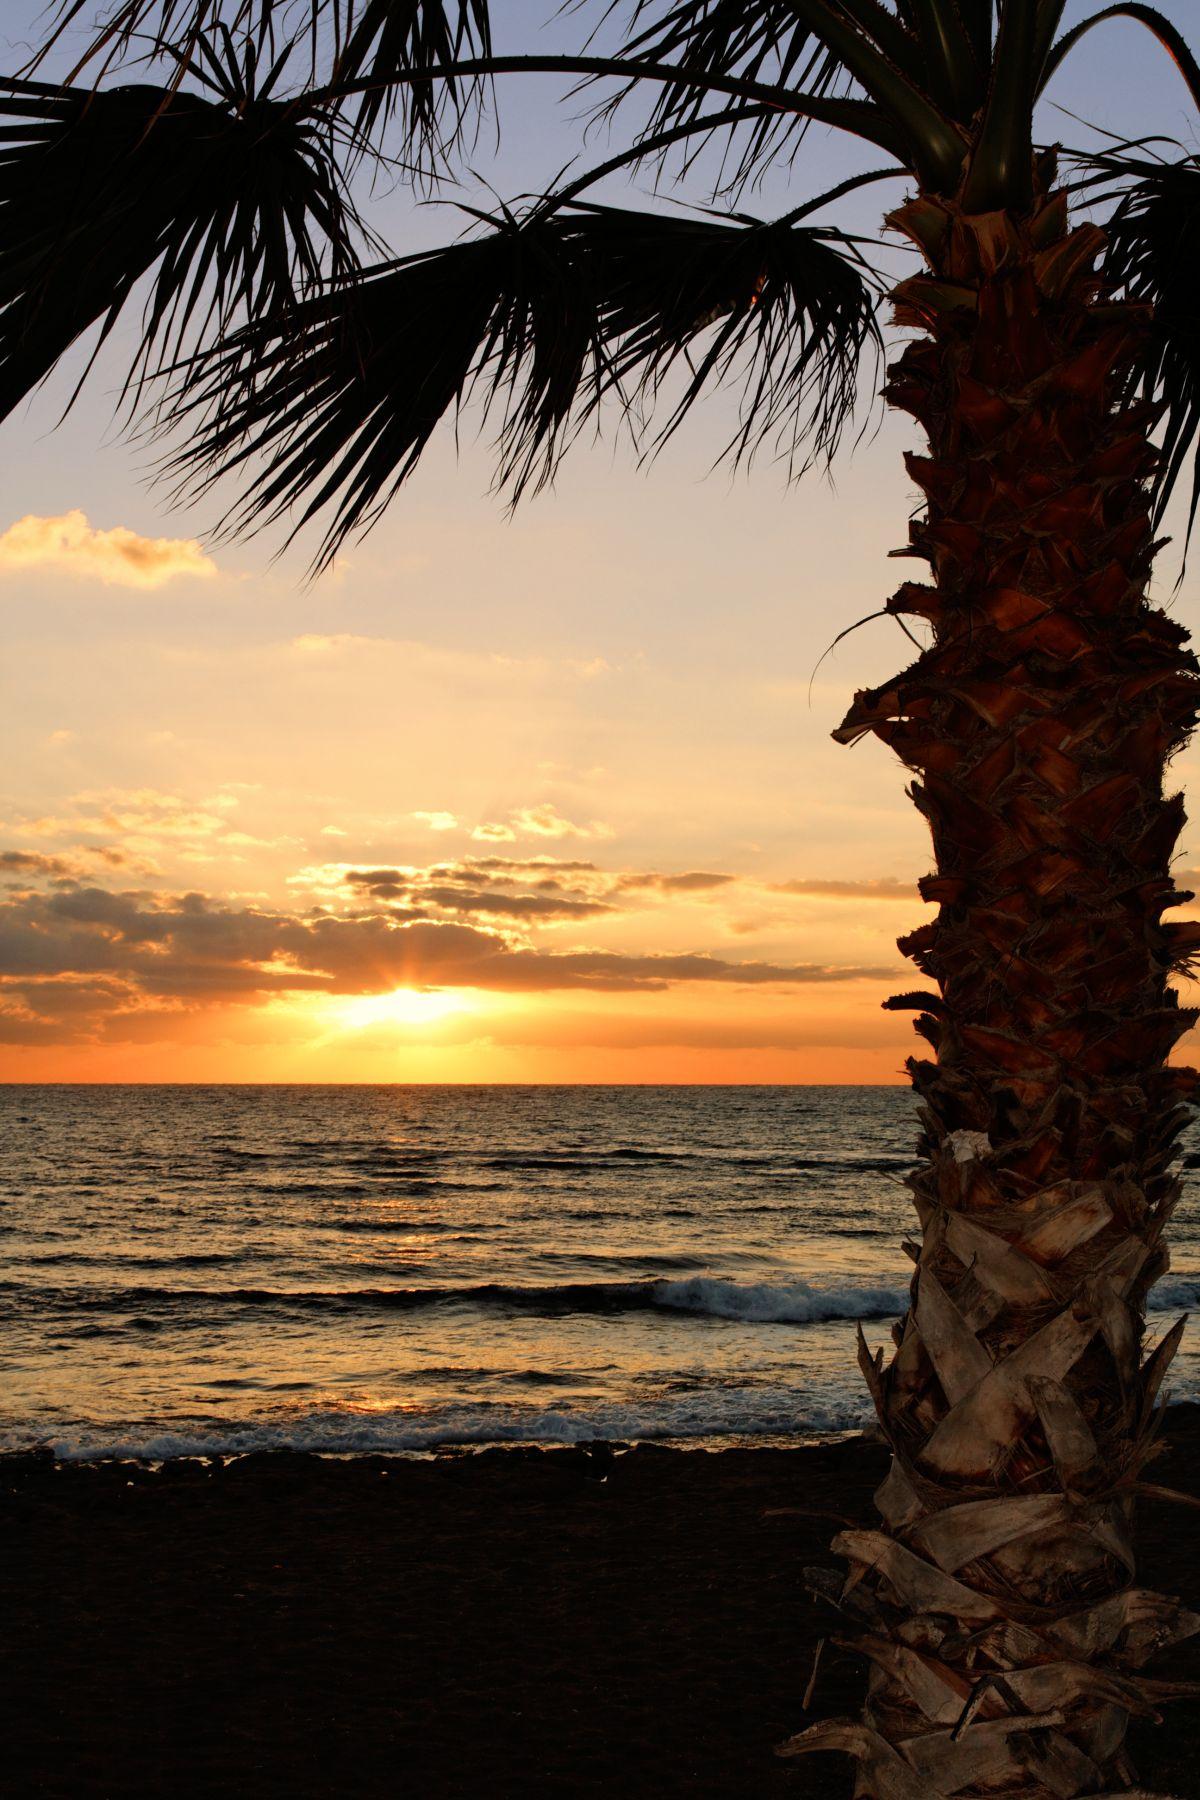 Sonnenuntergang(c) Marco Polo Reisen_Shotshop_Anna_Reinert